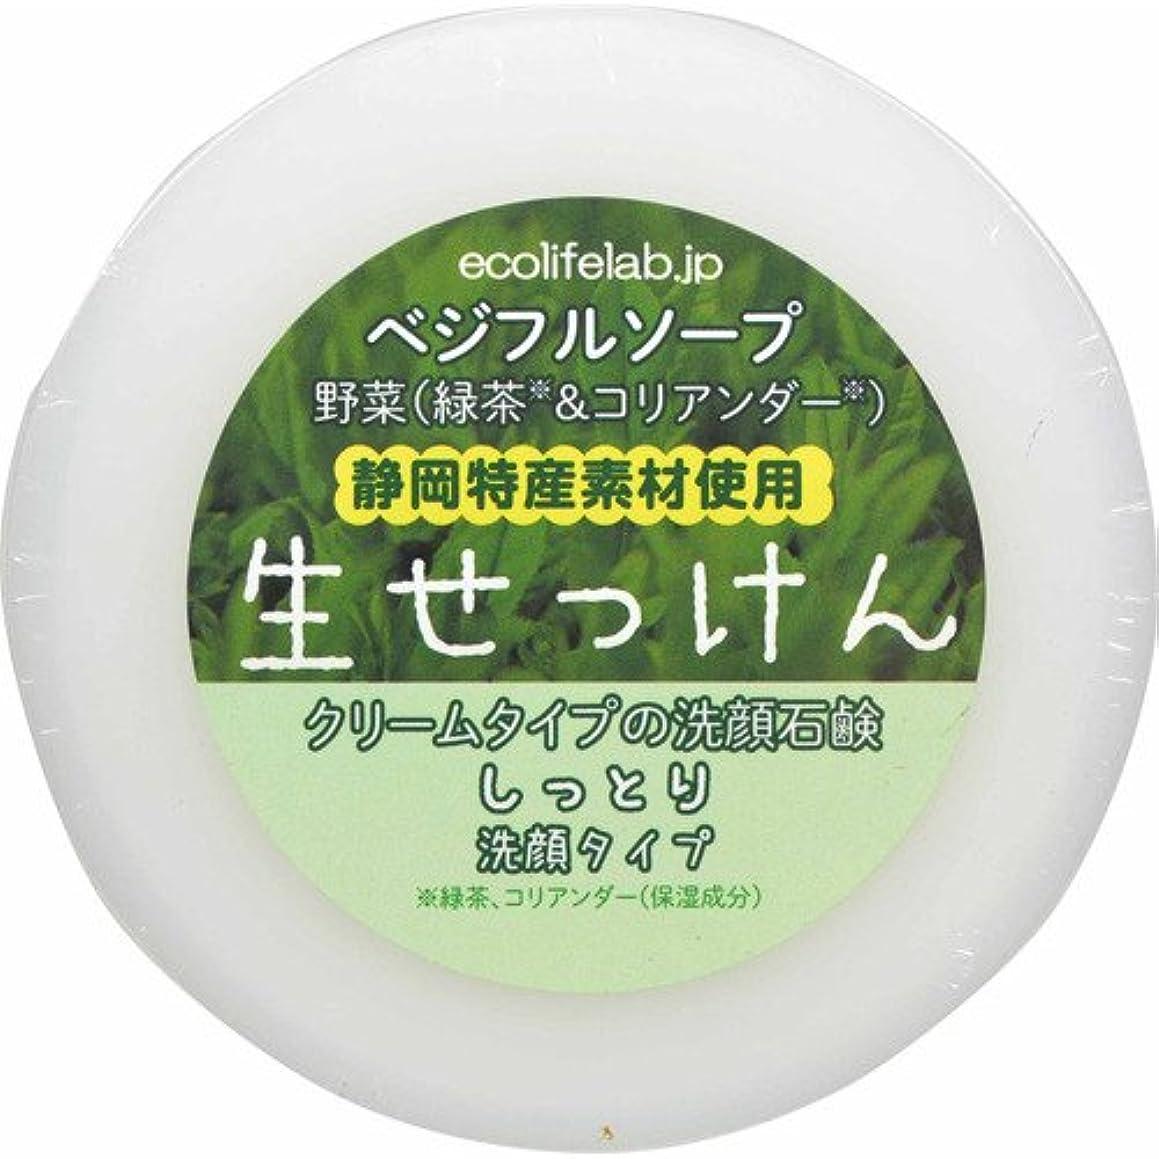 ハイランドゴム無駄だベジフルソープ 生せっけん(野菜) しっとり洗顔タイプ 100g